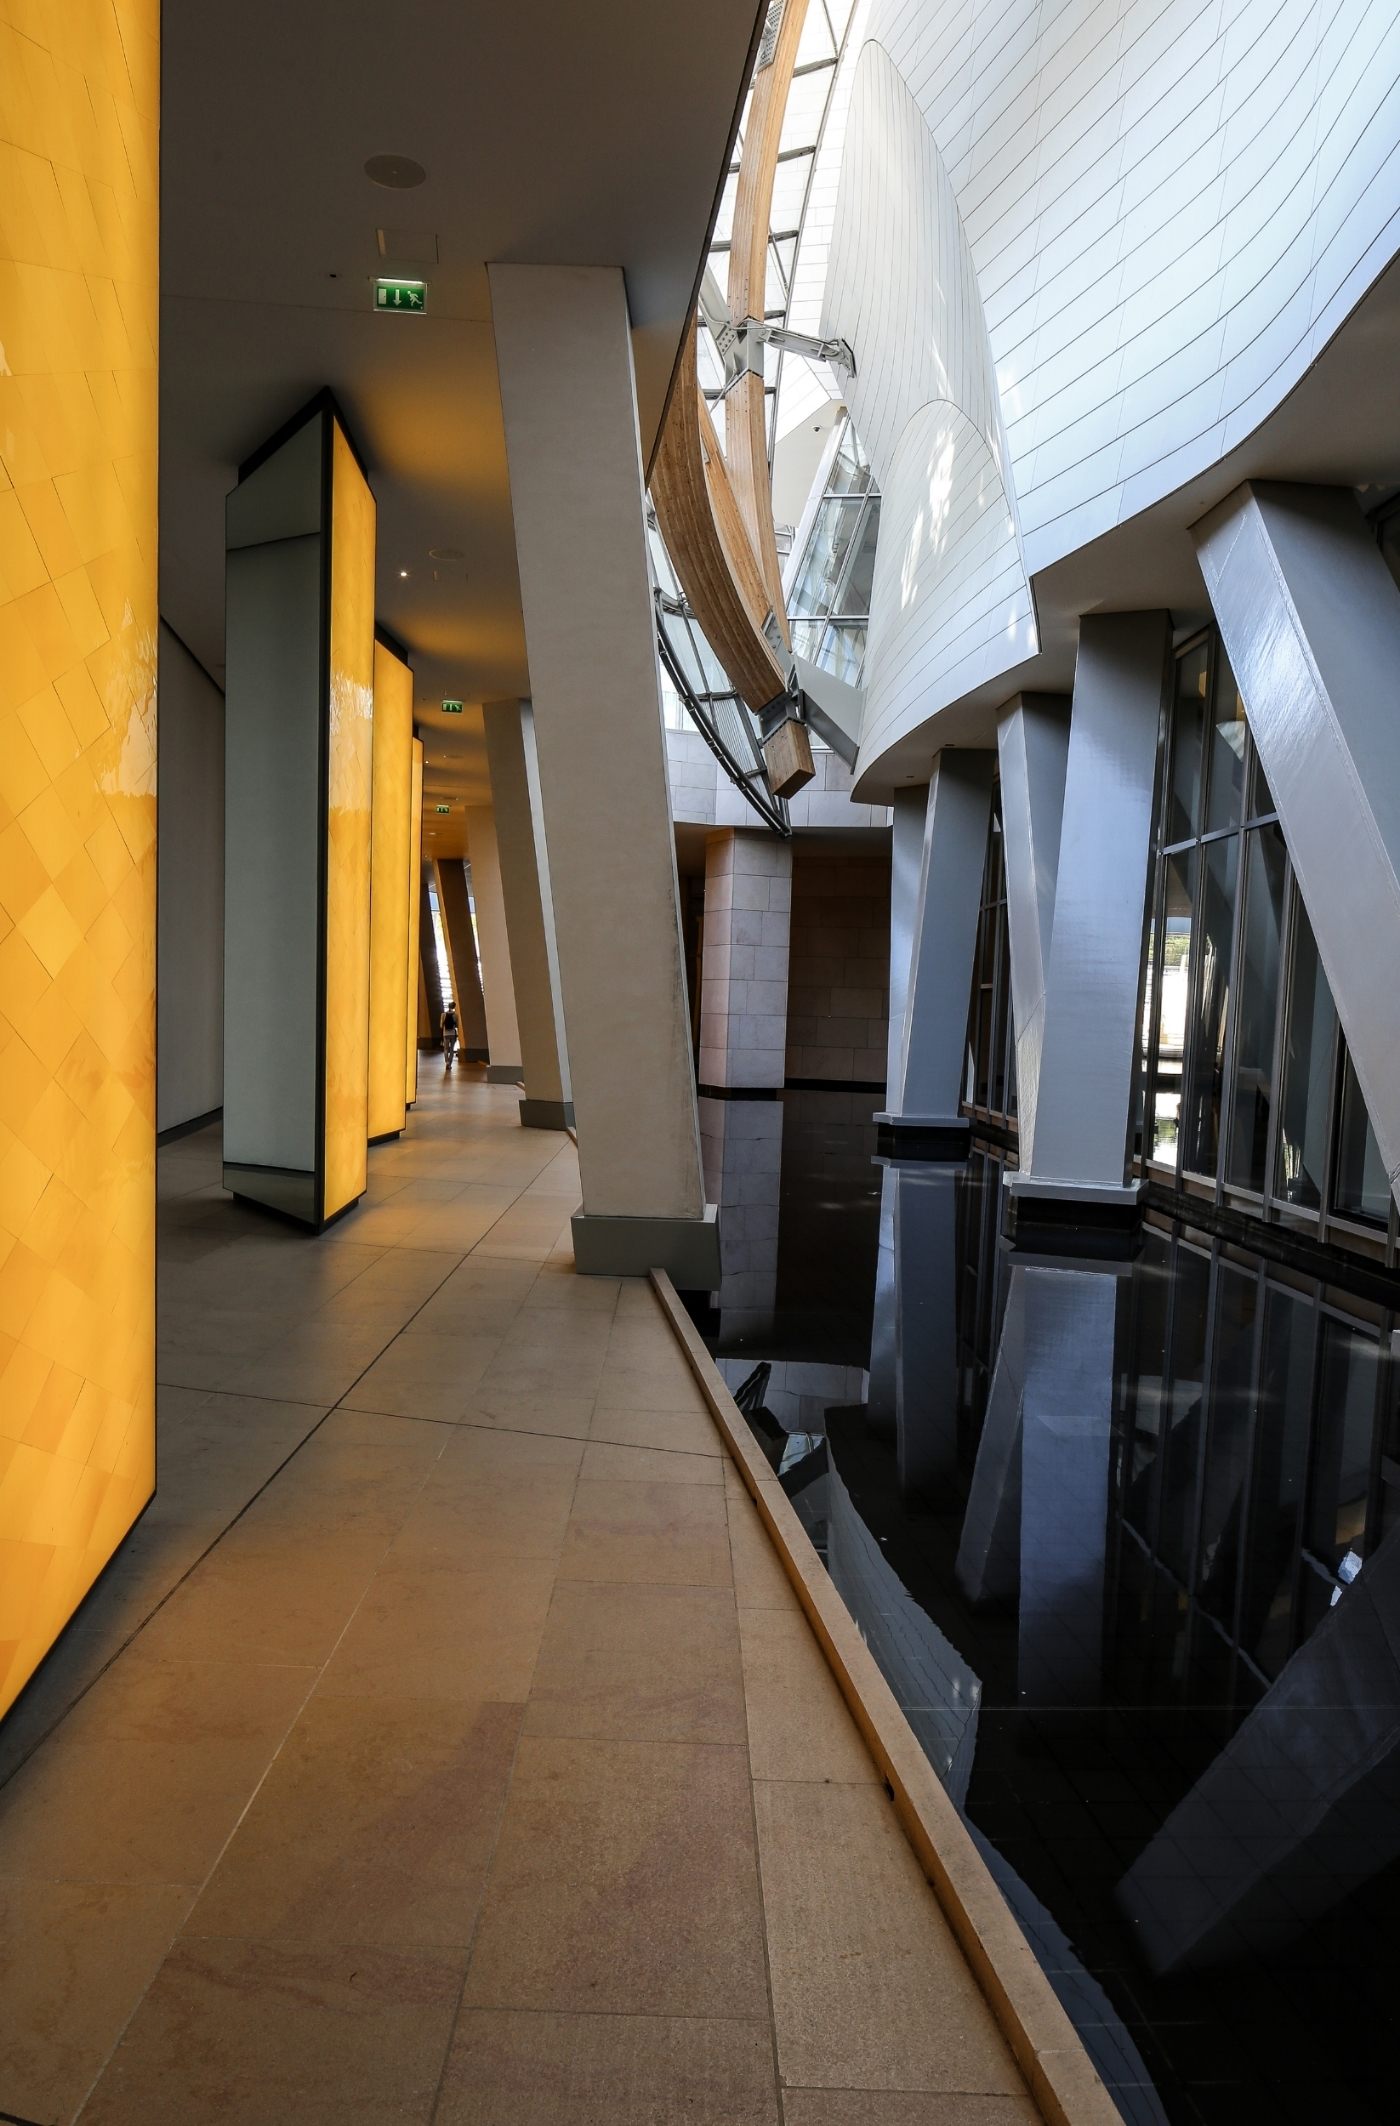 Fondation Louis Vuitton - Paris, France - Frank Gehry